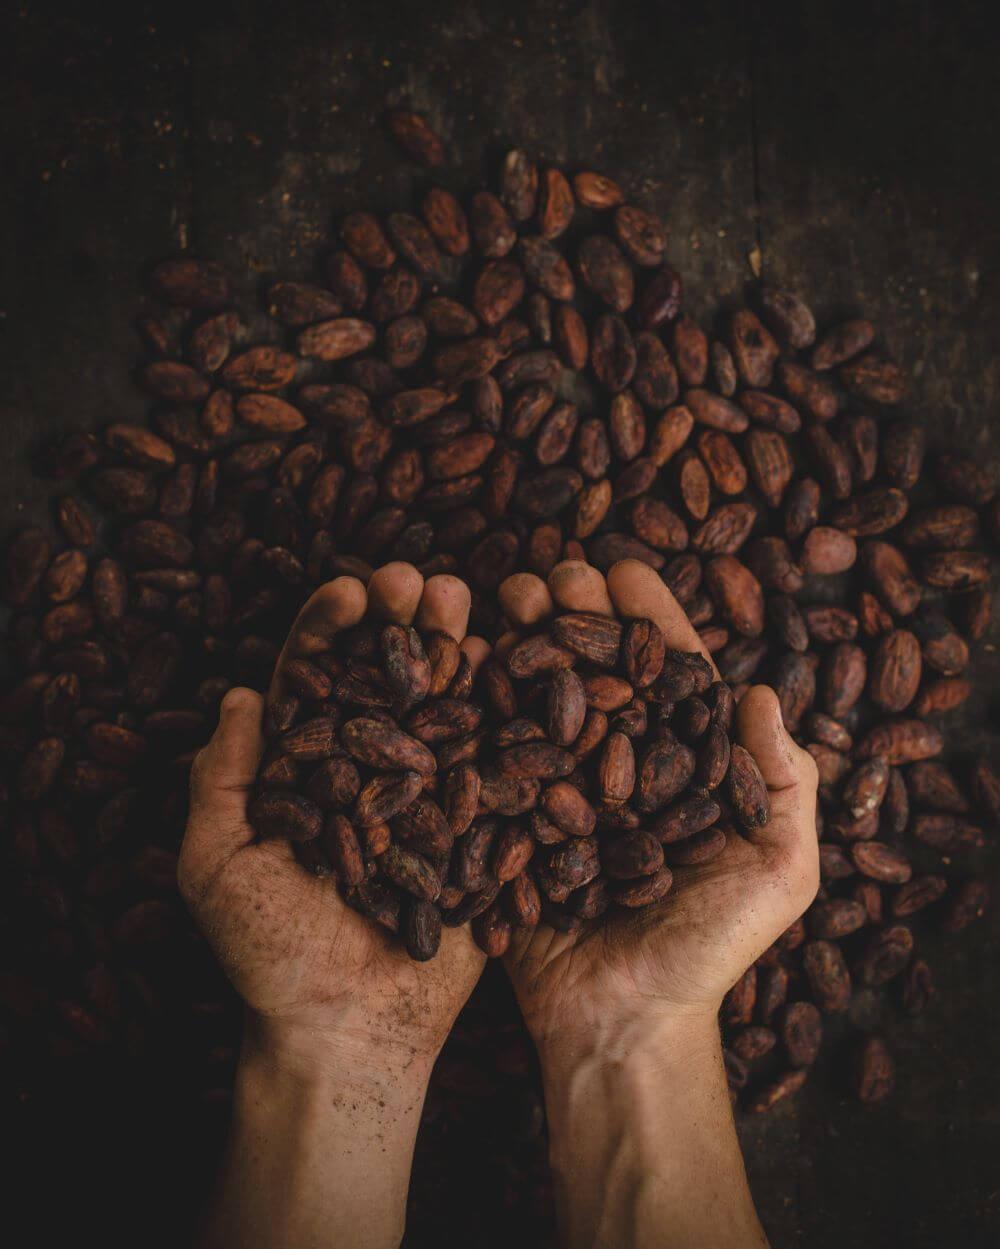 Mann hält Kakaobohnen in seinen Händen